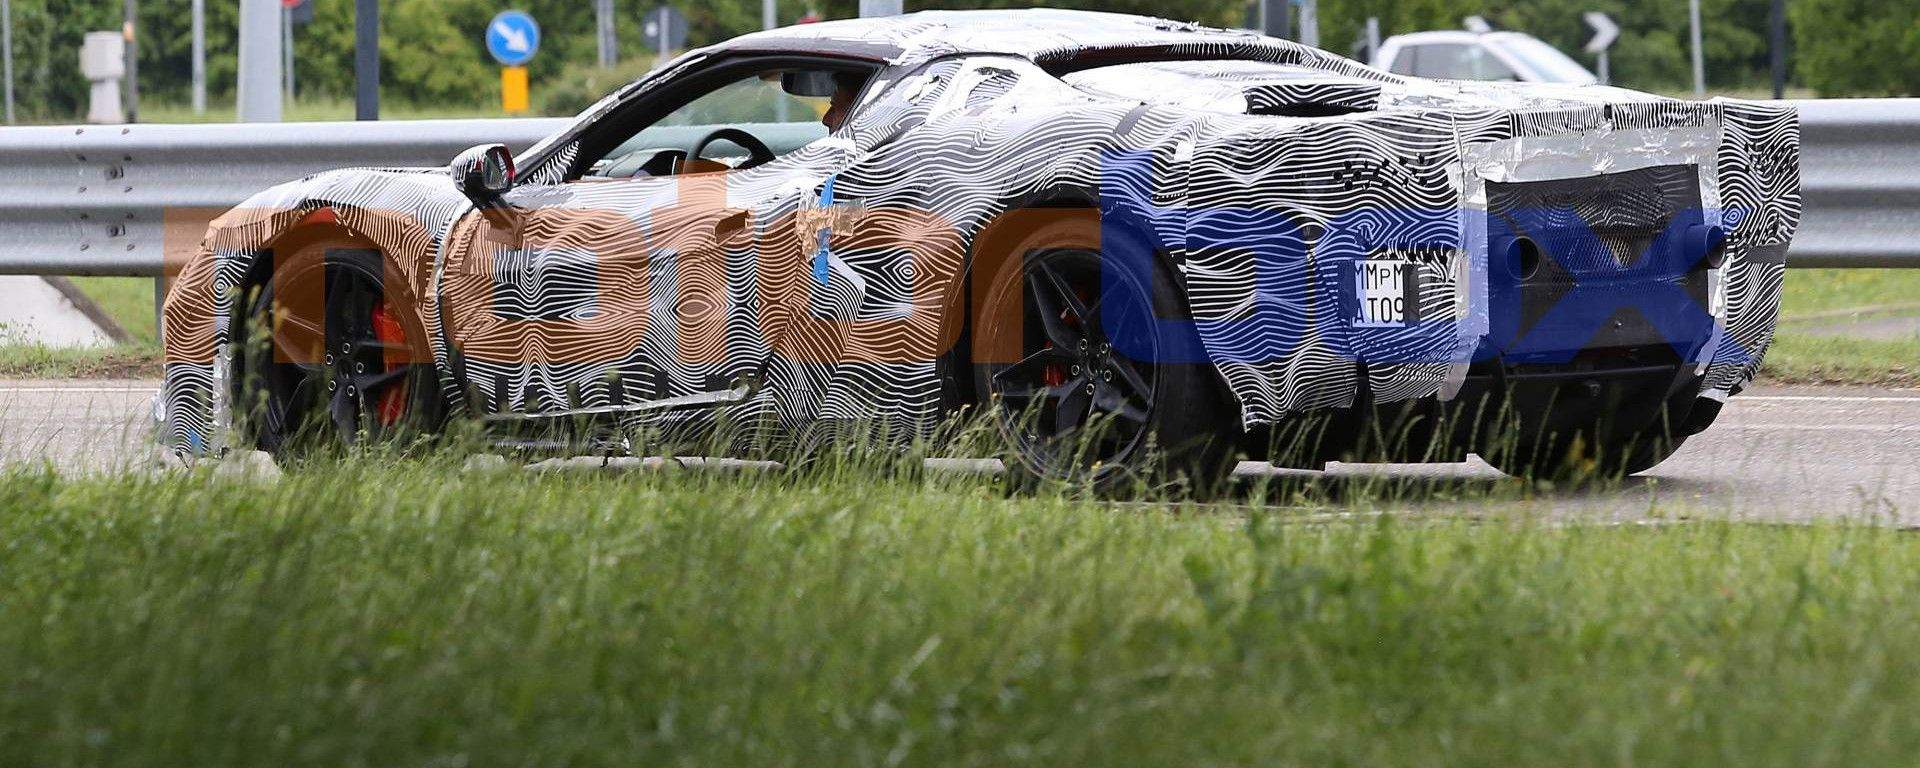 Nuova Ferrari V6 Hybrid, il reveal il 24 giugno